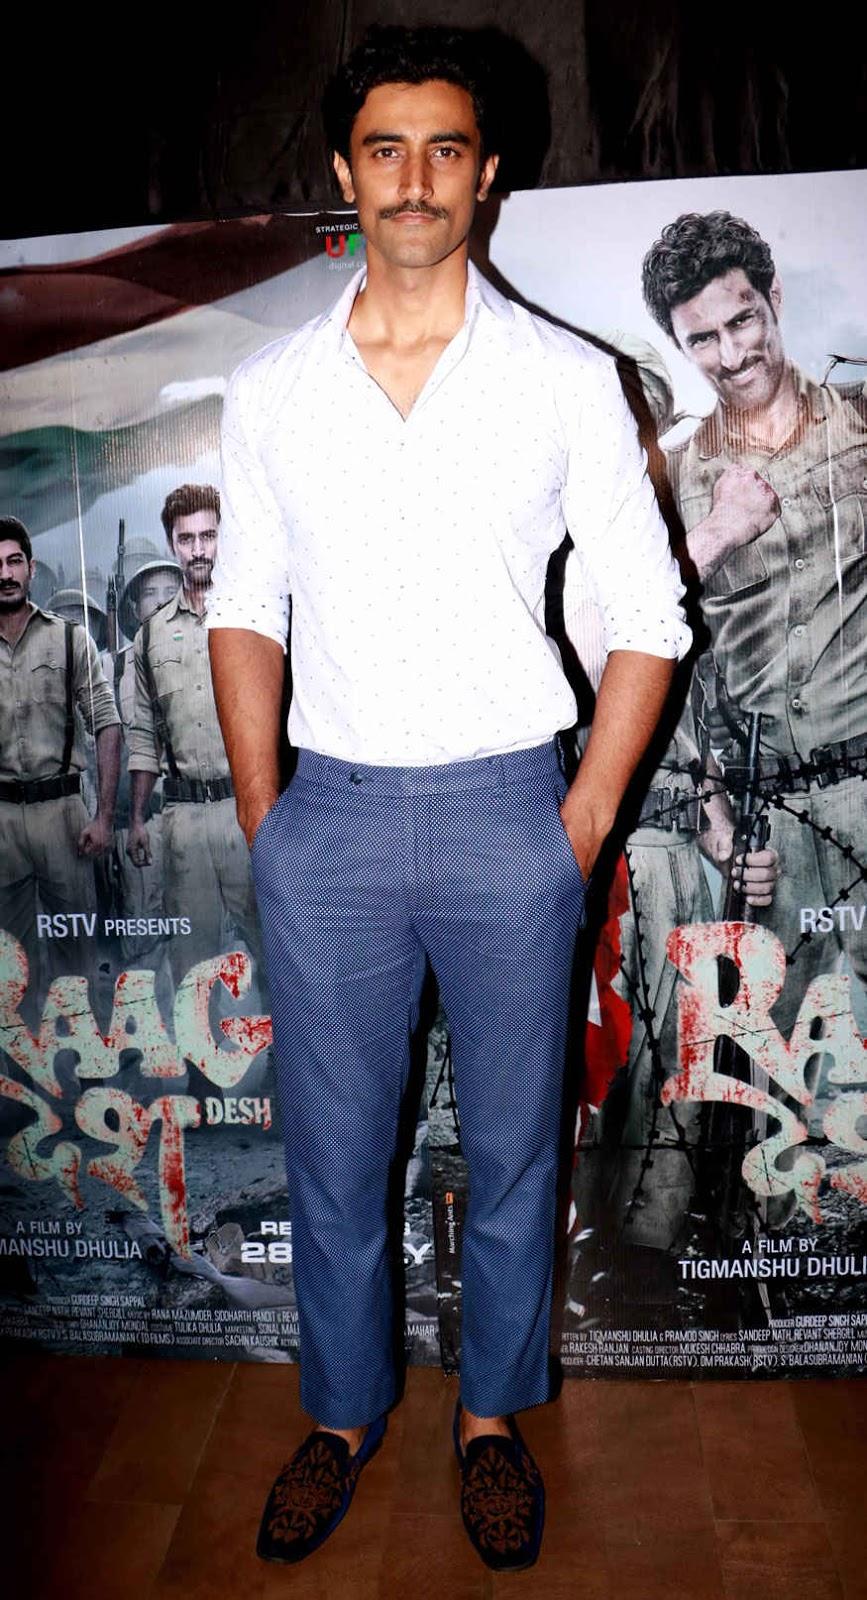 Shruti Haasan at The Premier of 'Raag Desh' at Lightbox In Mumbai